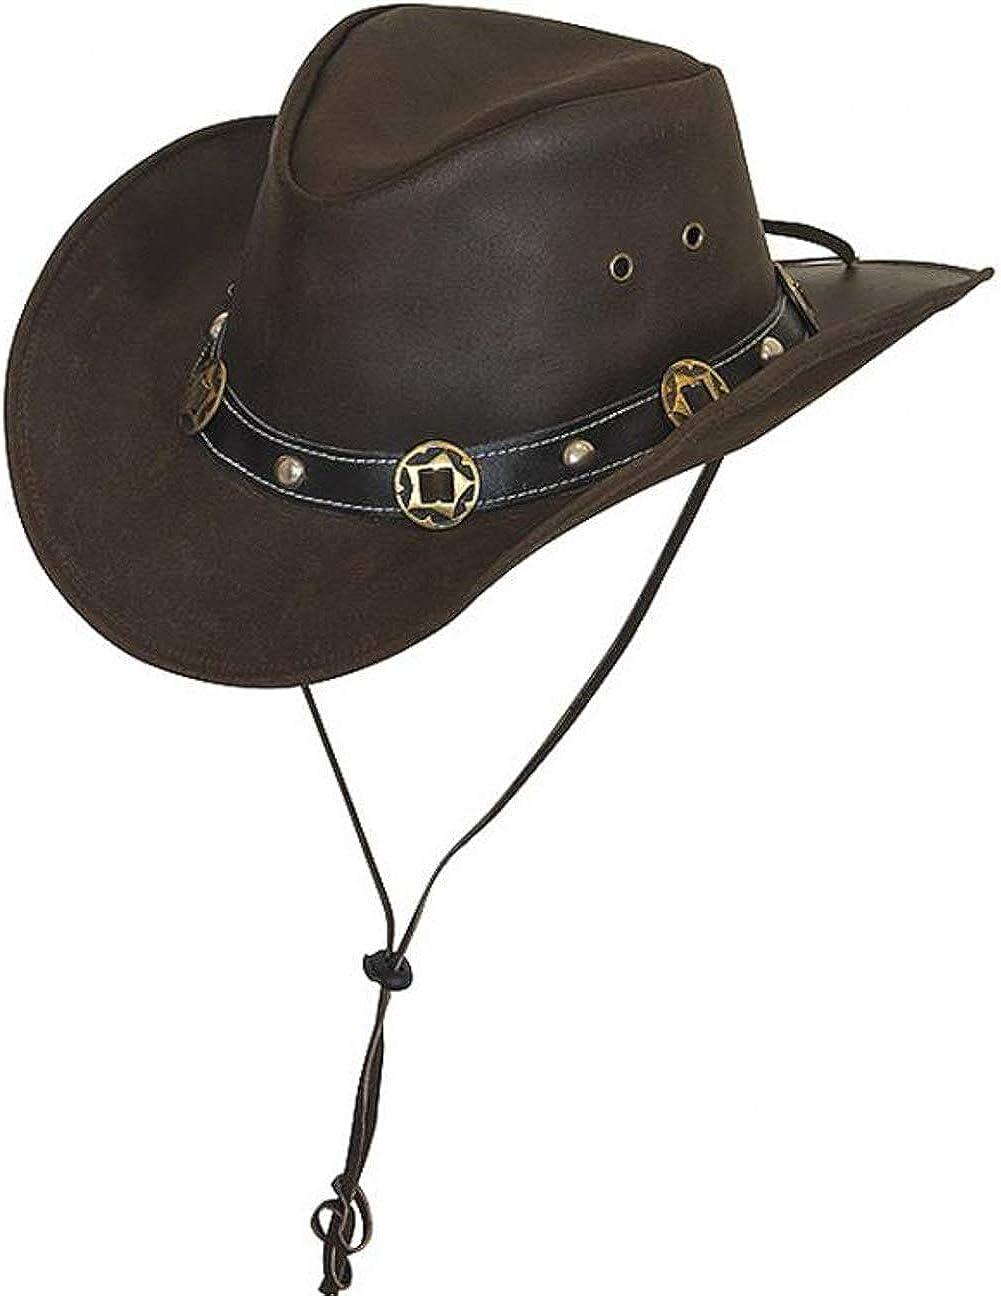 Sombrero de Piel Concho by Scippis sombrero de vaqueropiel natural sombrero de vaquero